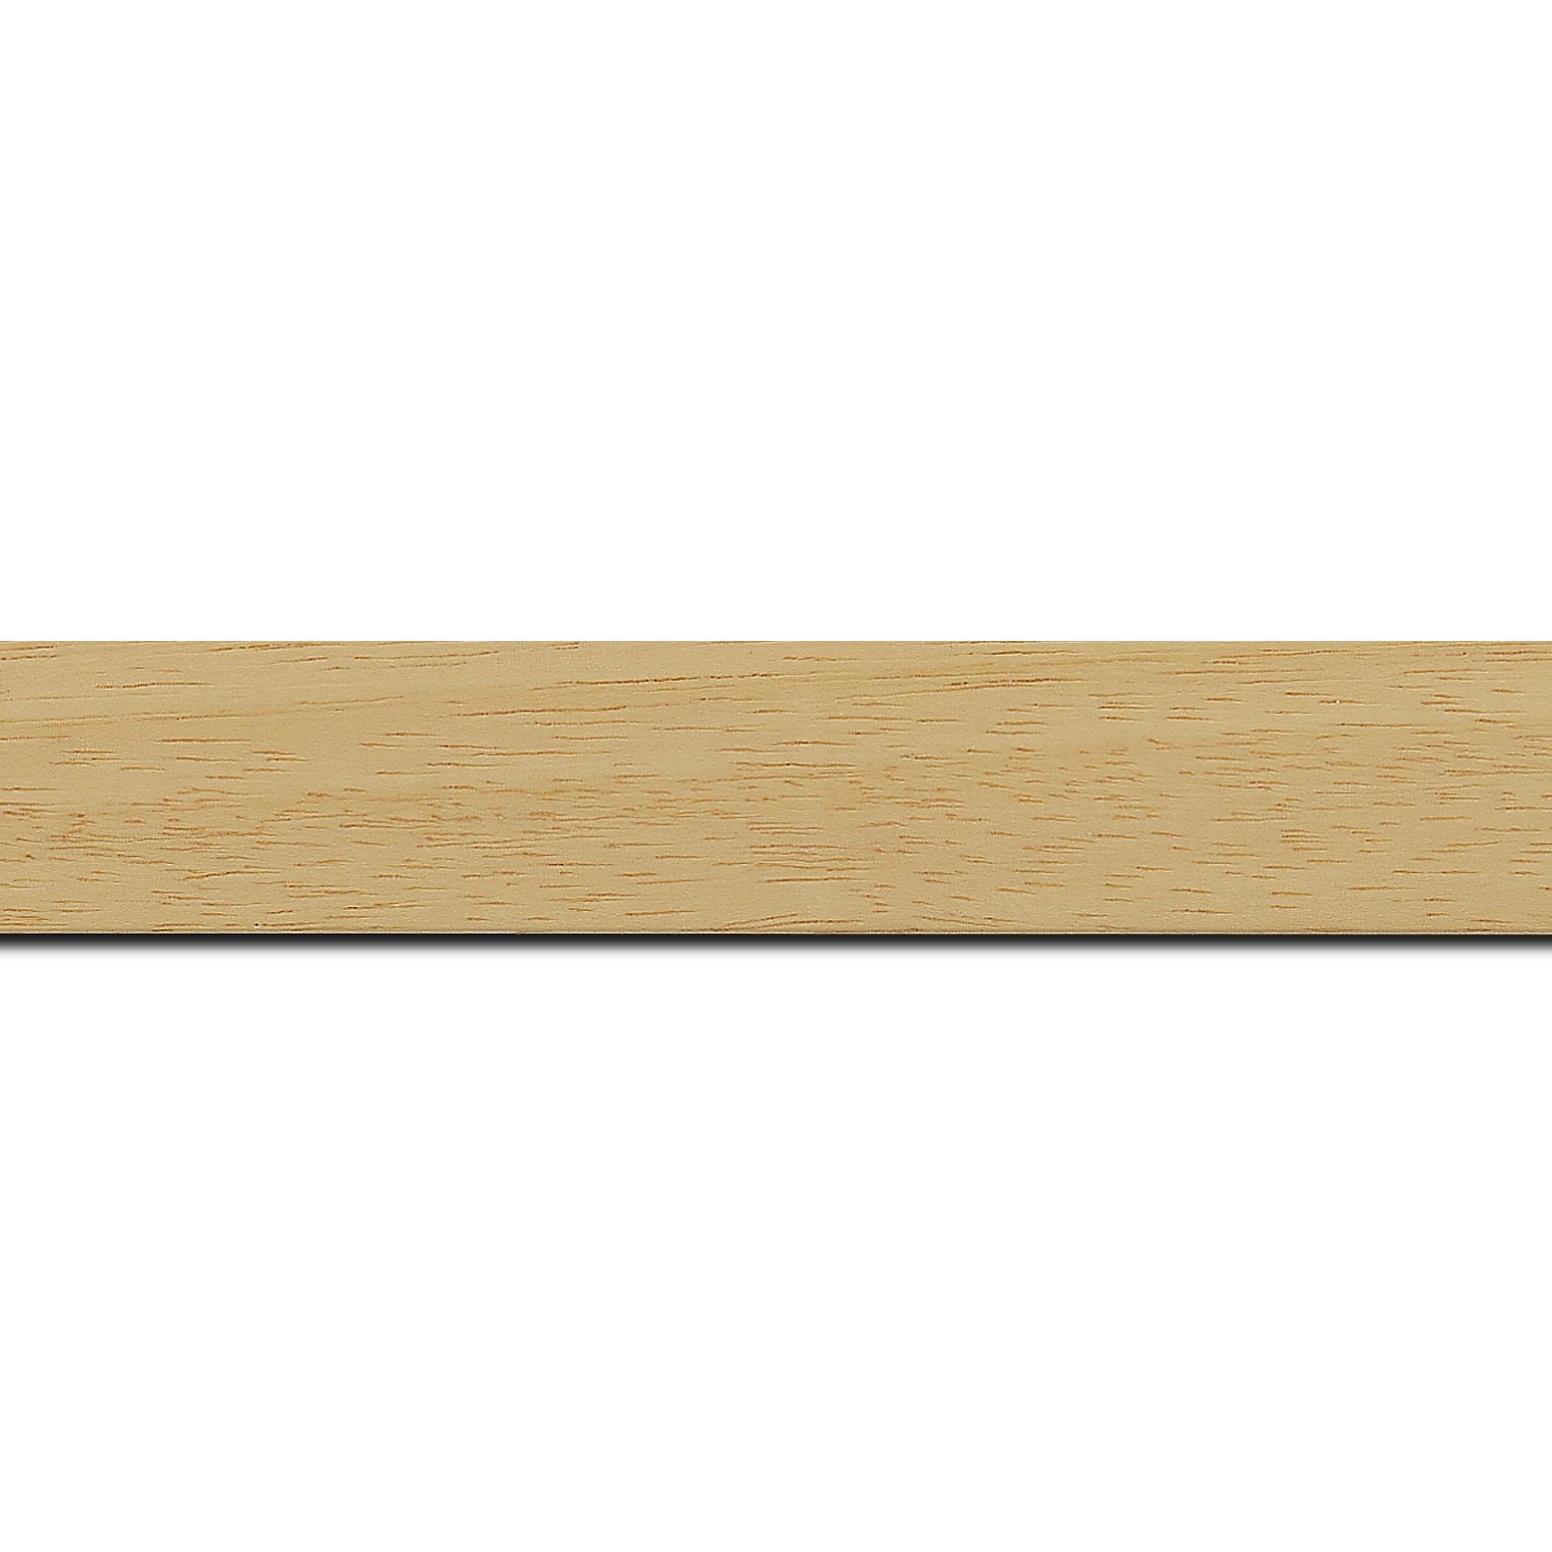 Pack par 12m, bois profil plat largeur 3cm couleur naturel satiné (longueur baguette pouvant varier entre 2.40m et 3m selon arrivage des bois)